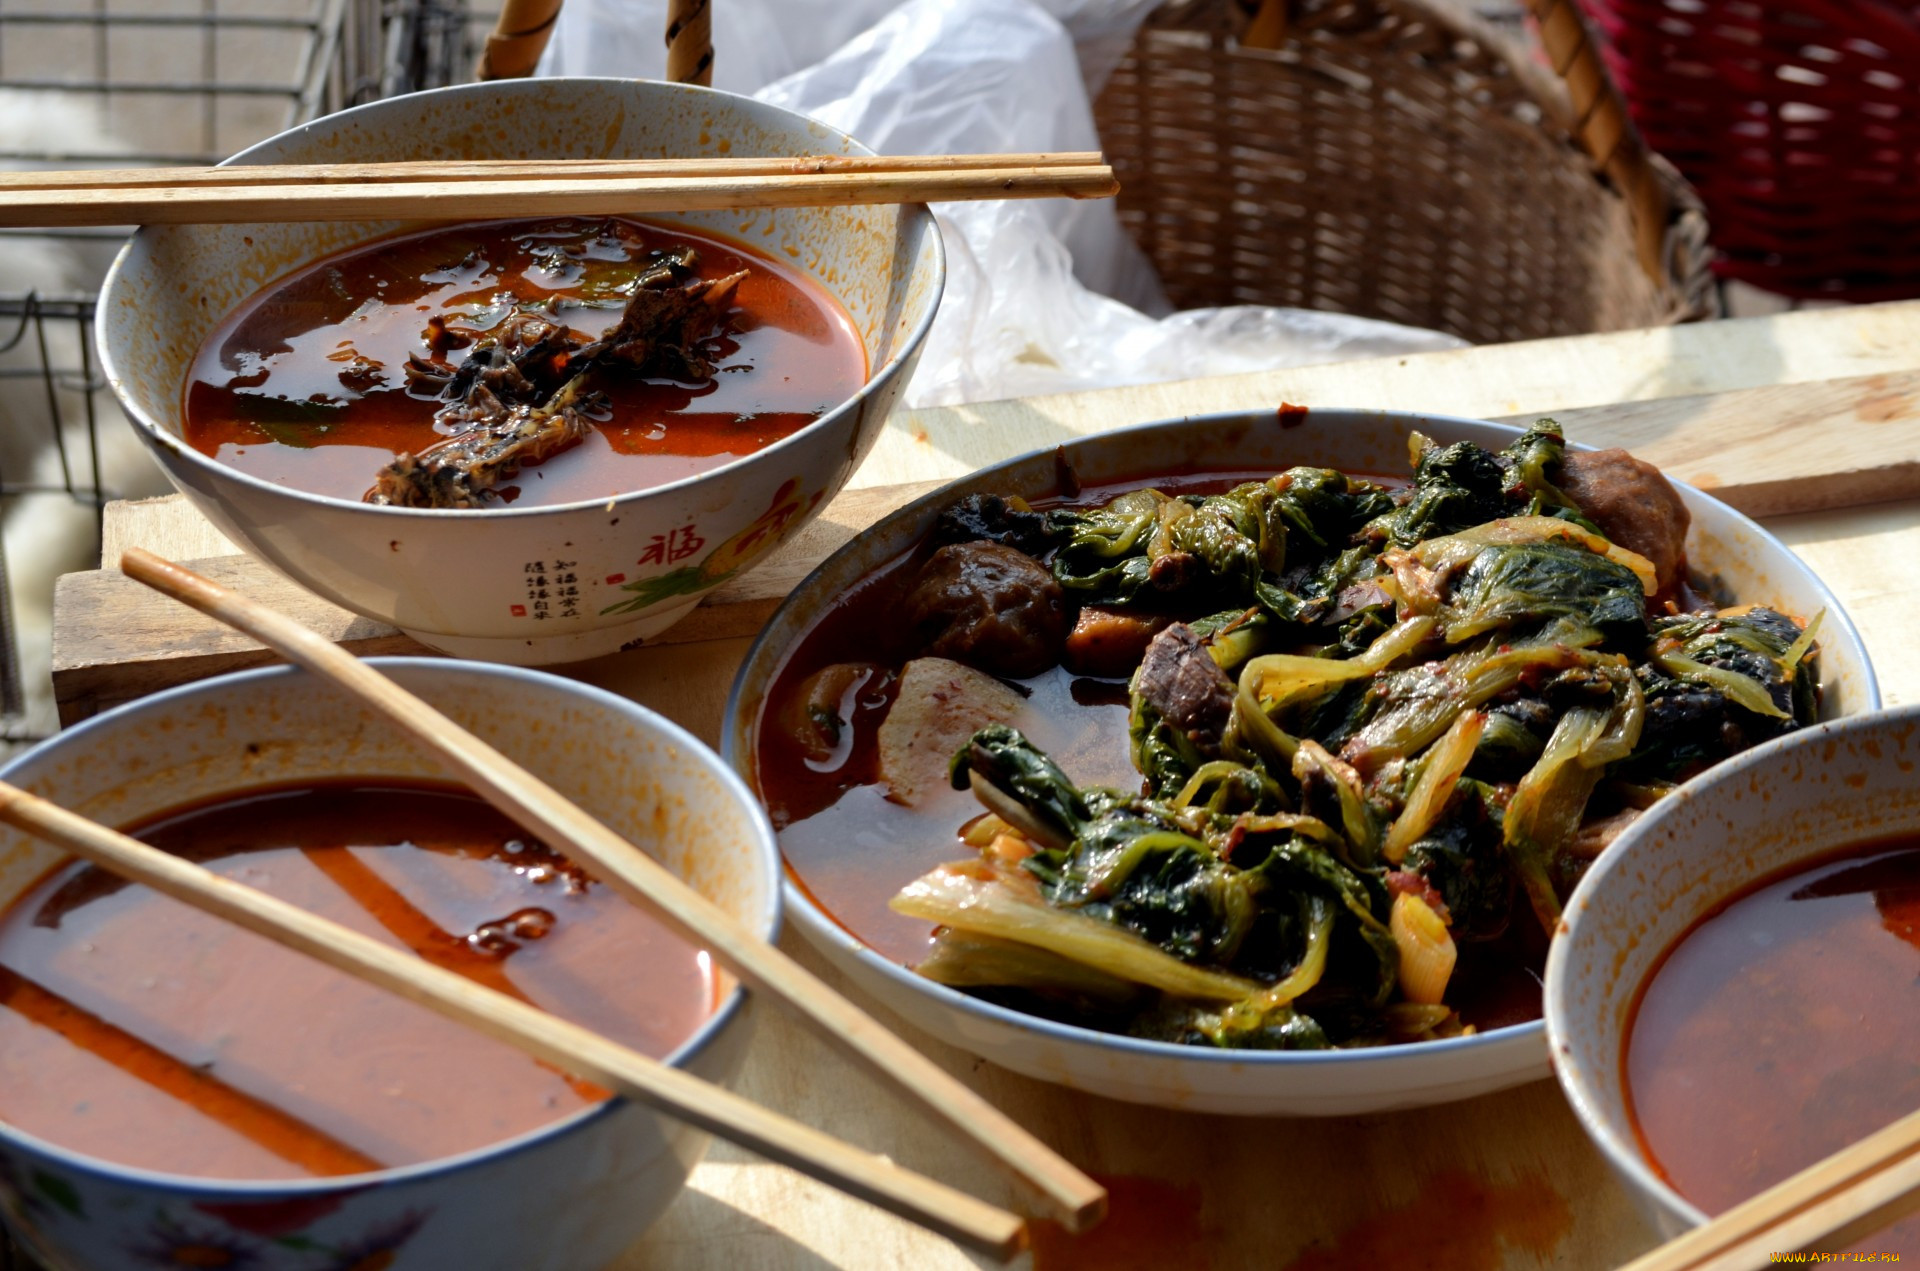 плотно, кухня китай фото блюд считается очень редким